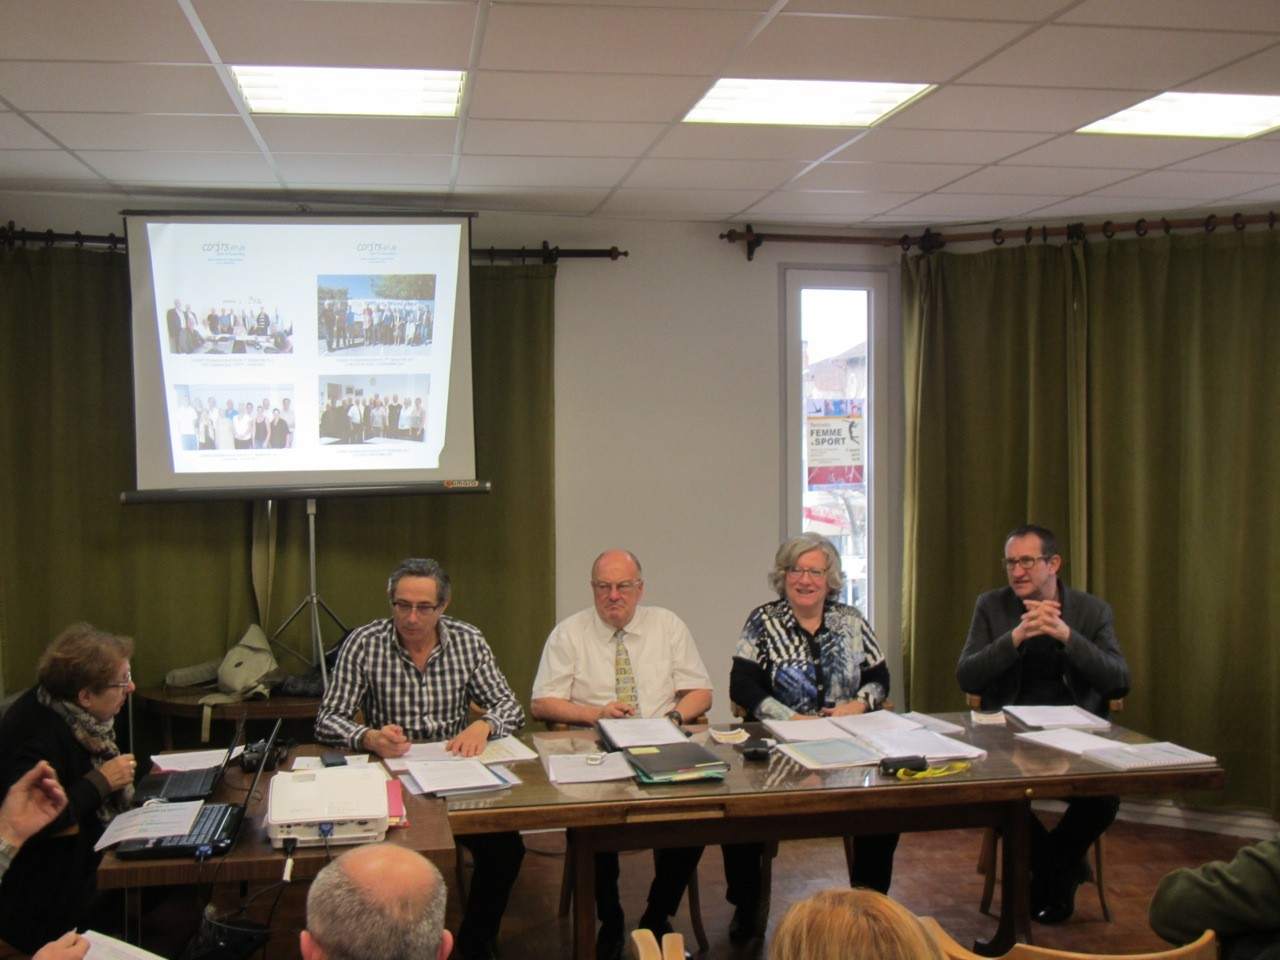 Pierre-Jean Veyret, Yolande Saint-Claire, Robert Dupont, Patrick Poux, Christianne Chalias.